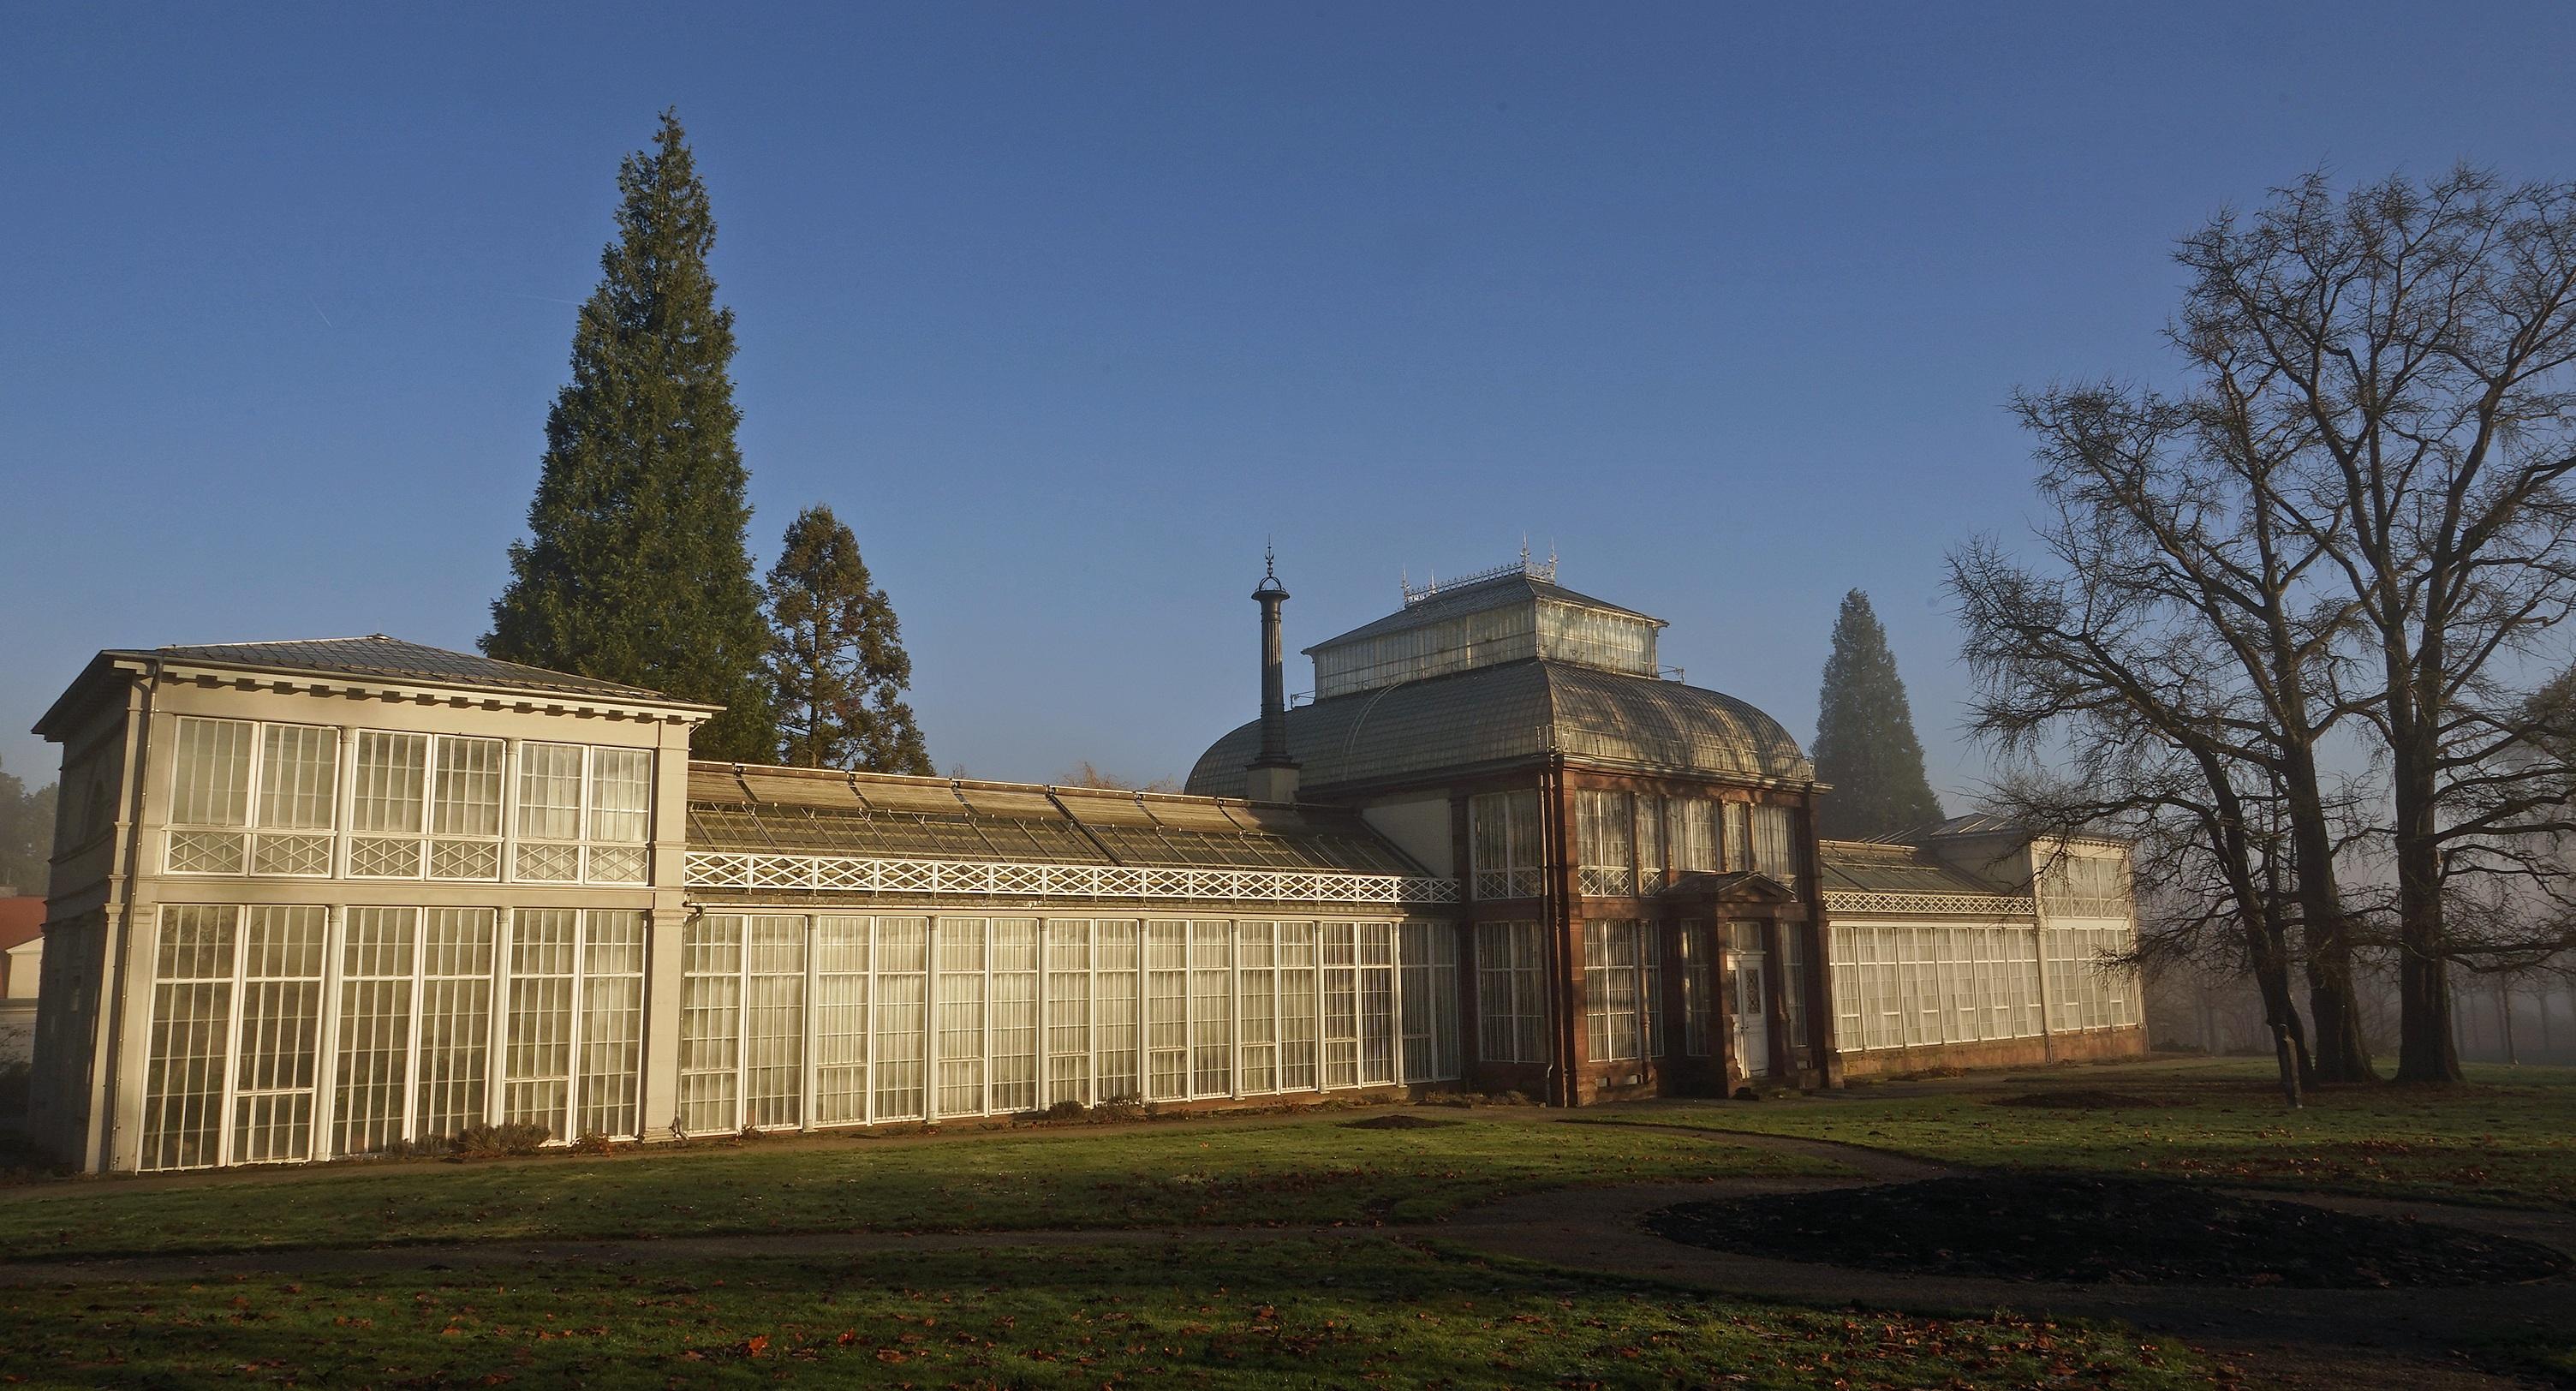 Kostenlose foto : Baum, Himmel, Villa, Haus, Chateau, Palast ...